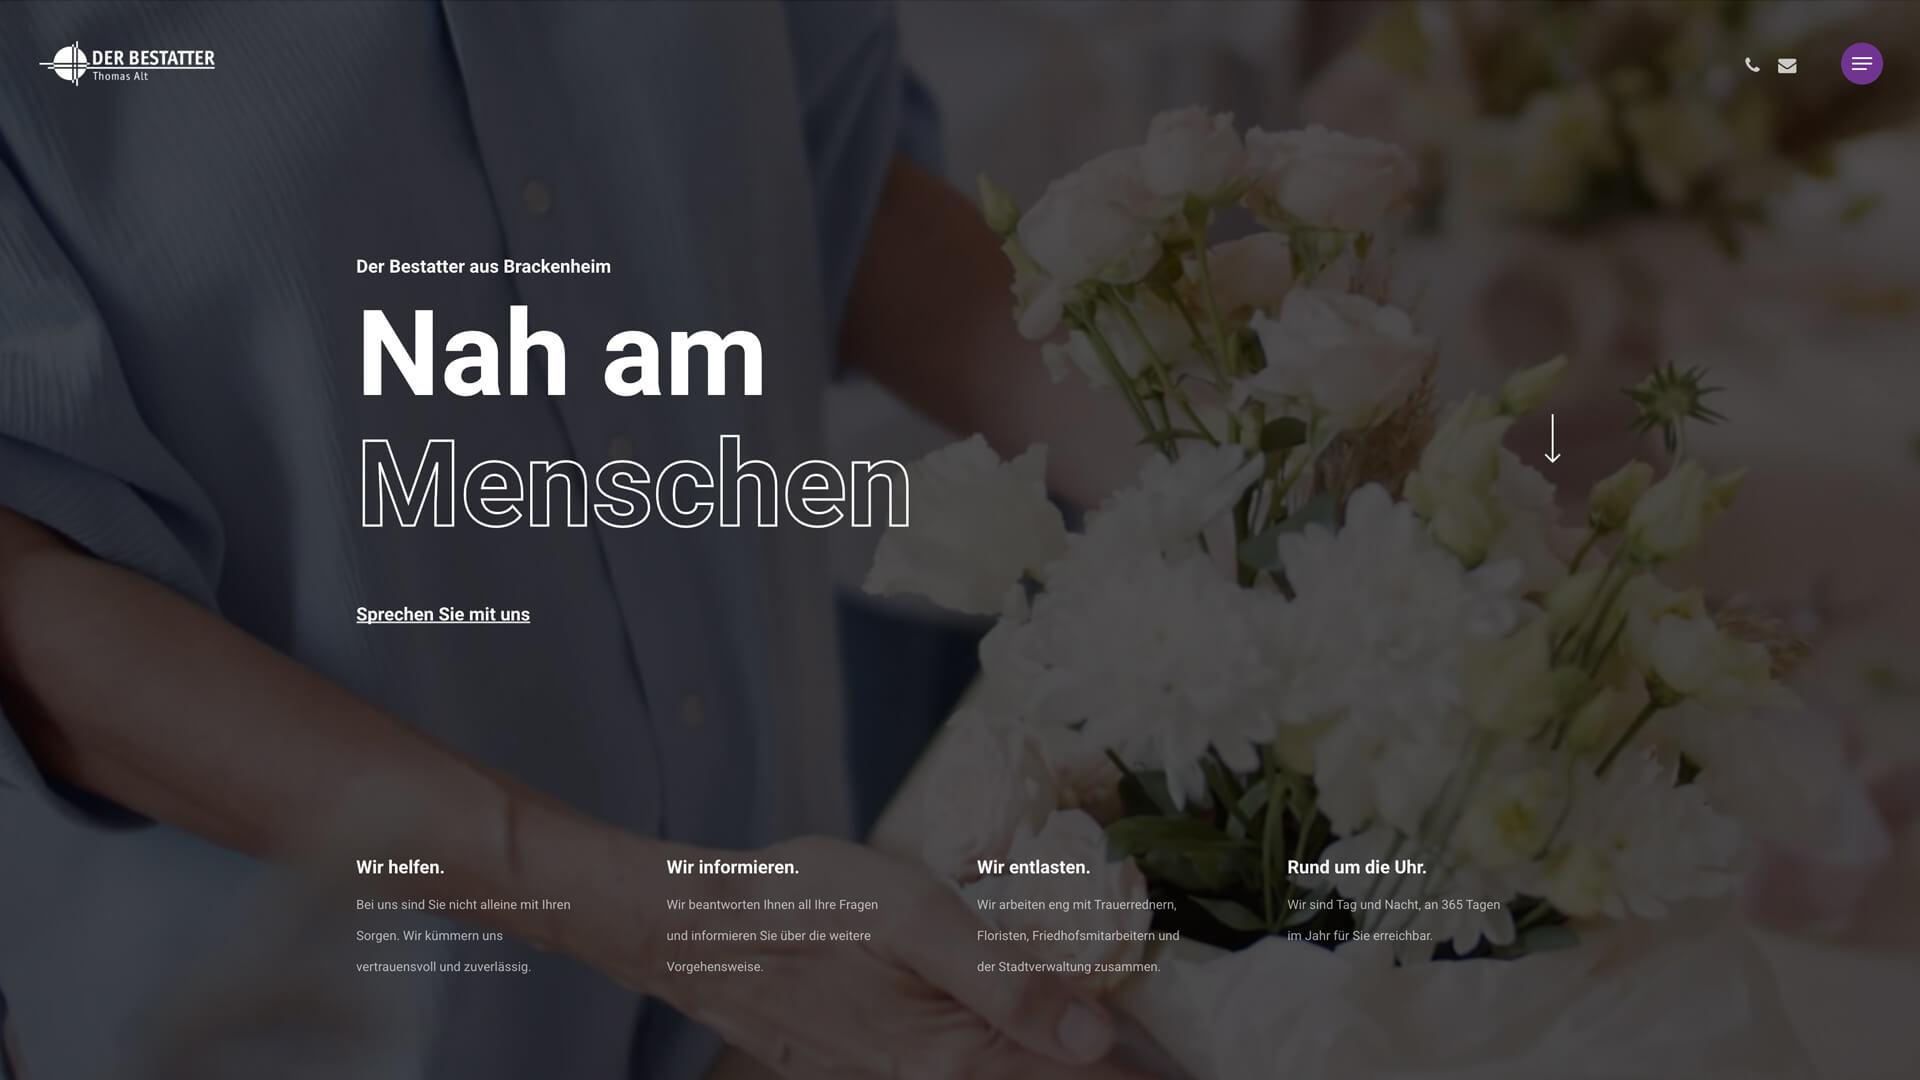 Startseite - Der Bestatter - Thomas Alt